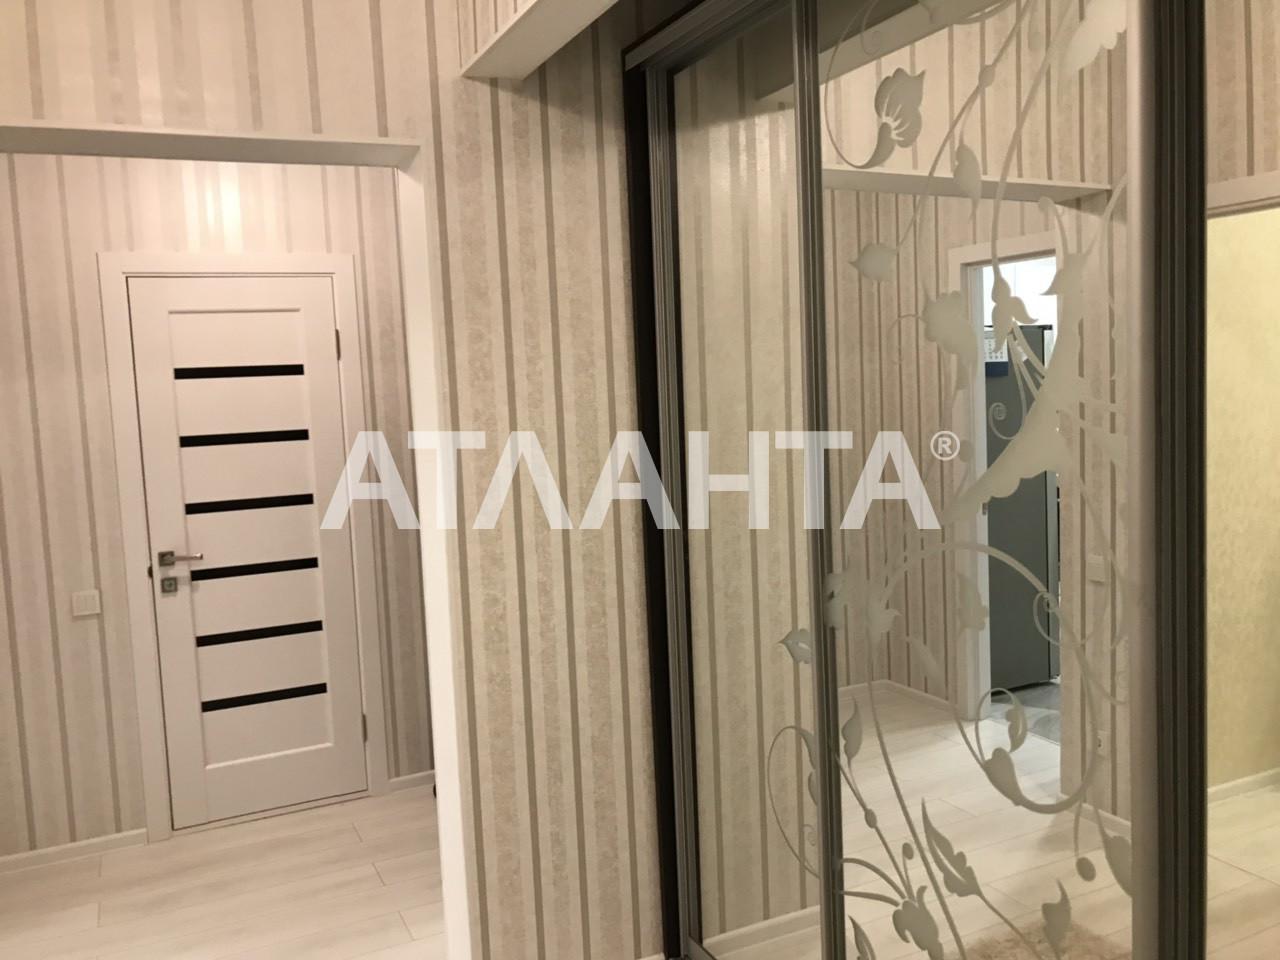 Продается 2-комнатная Квартира на ул. Жемчужная — 55 000 у.е. (фото №8)